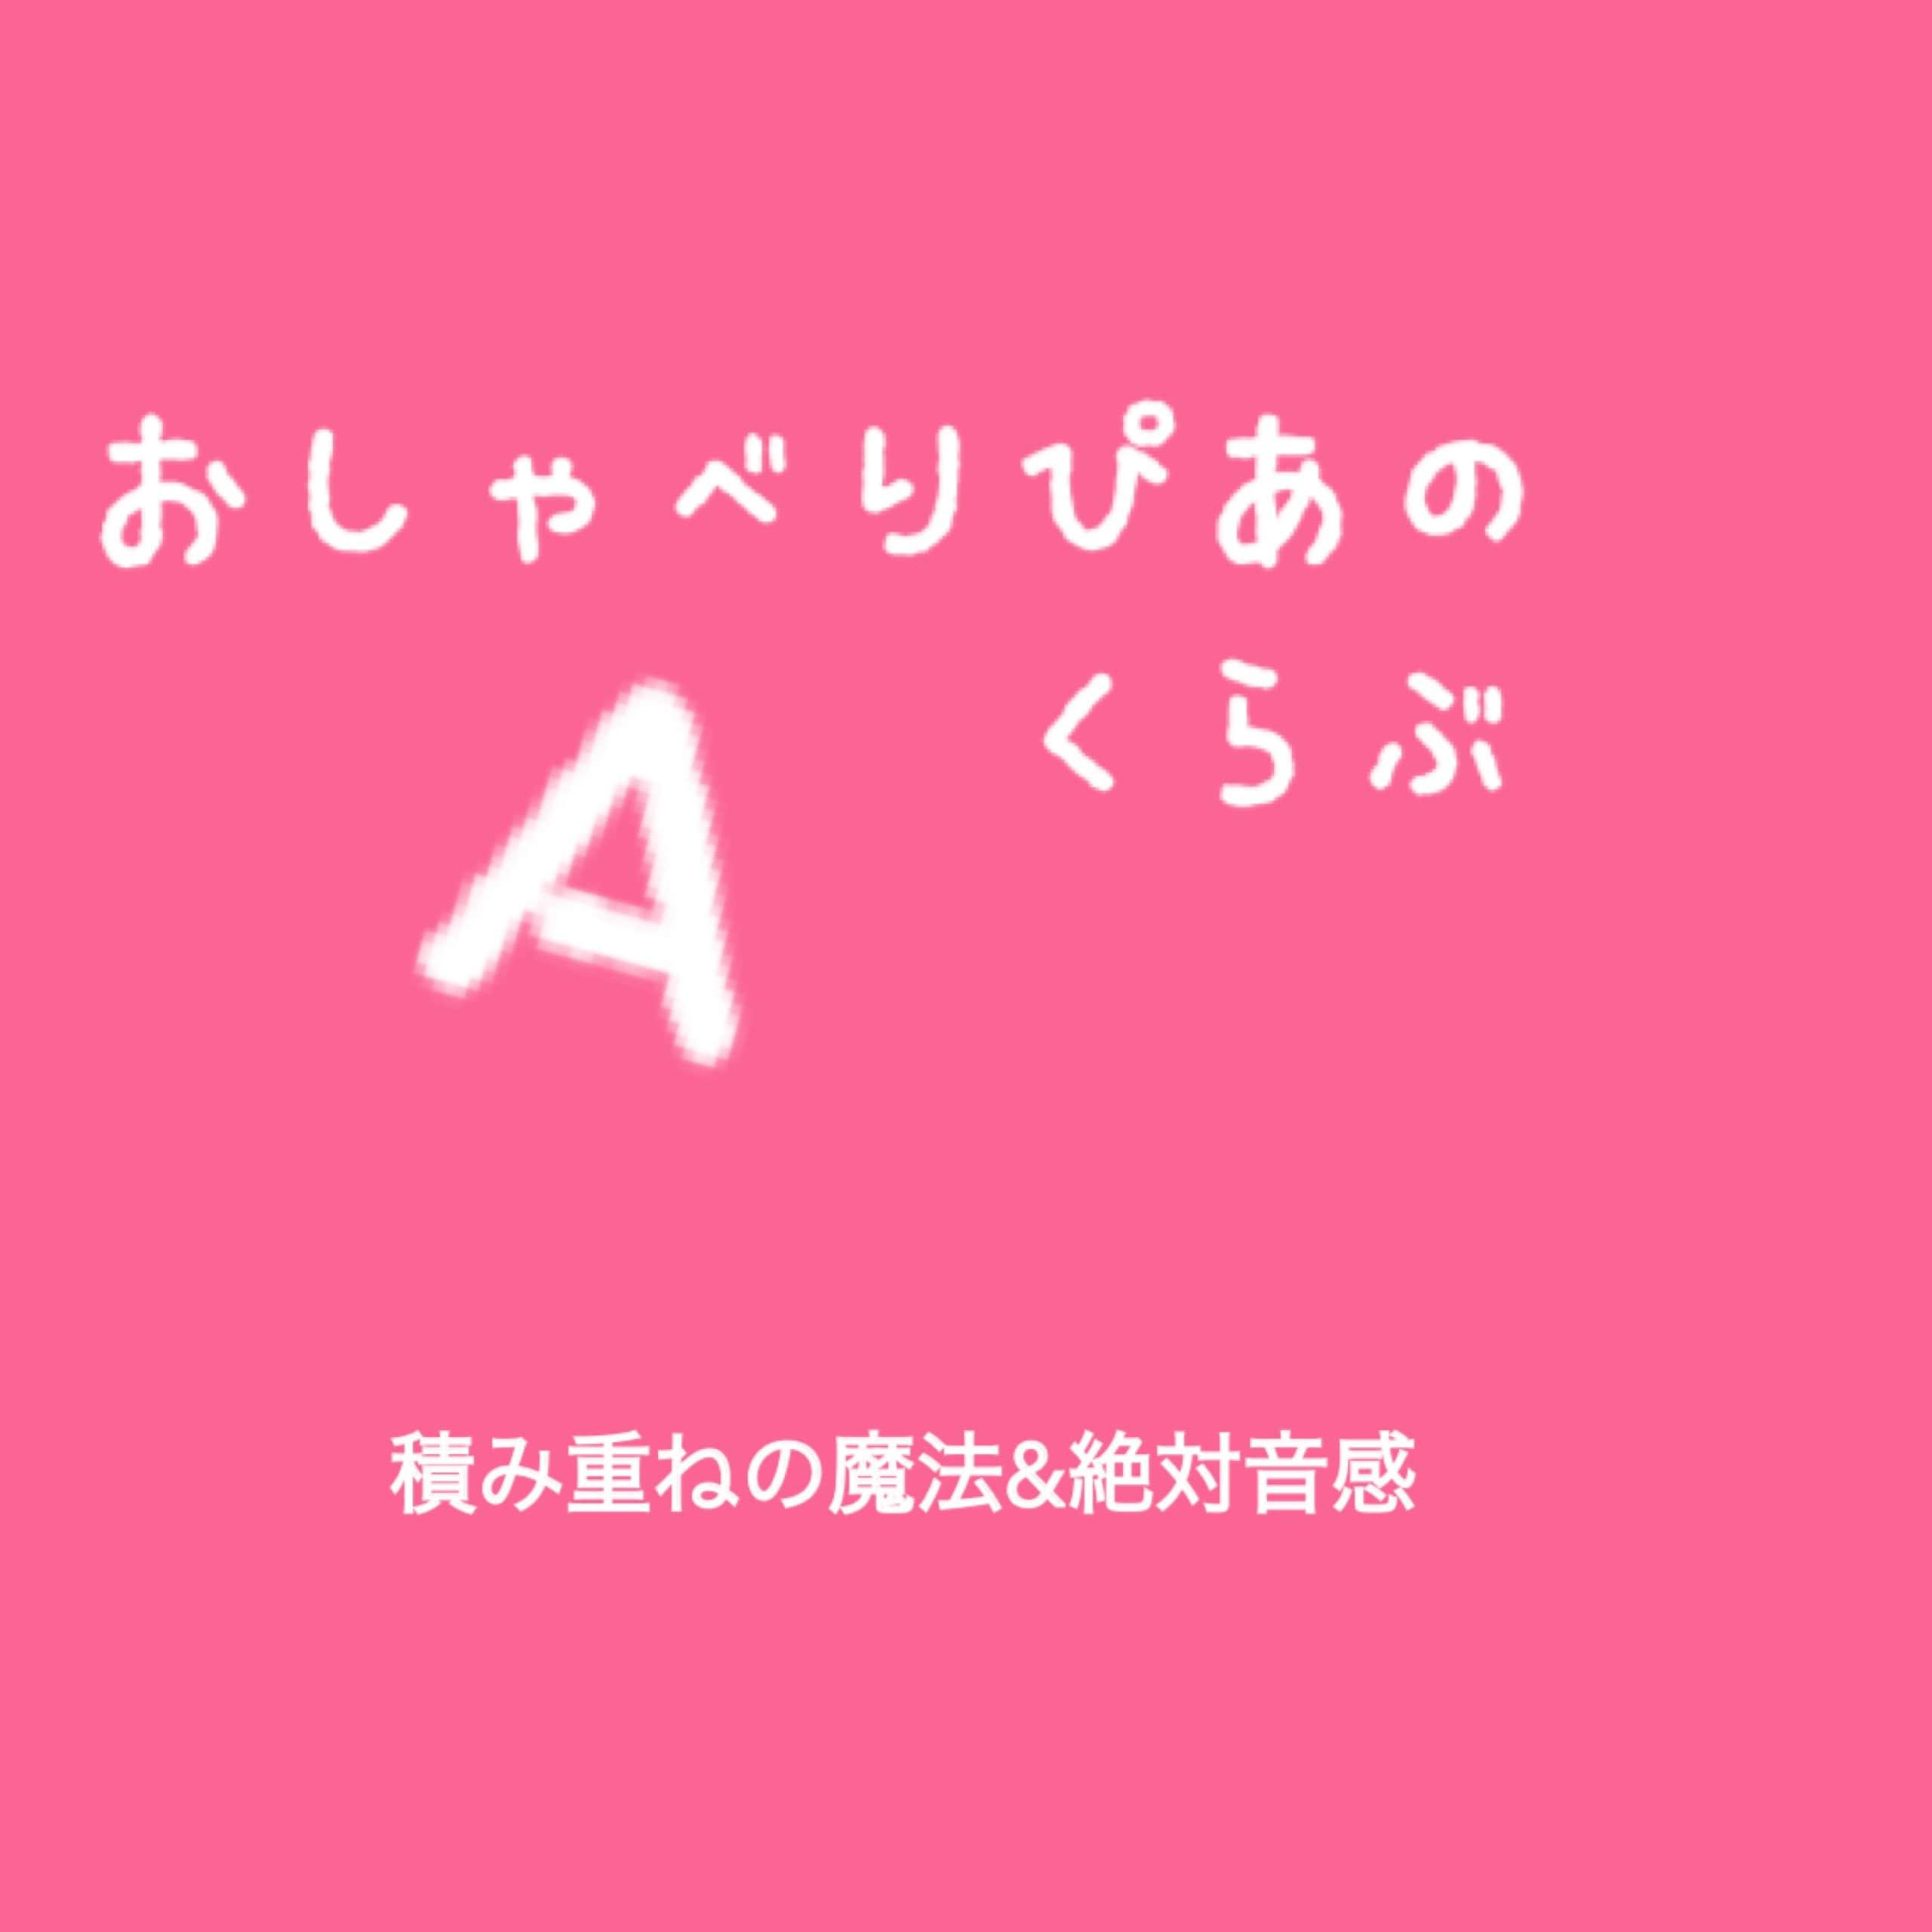 【東京教室】おしゃべりピアノクラブA(2〜3歳向けピアノ個人レッスン)【月会費】のイメージその1